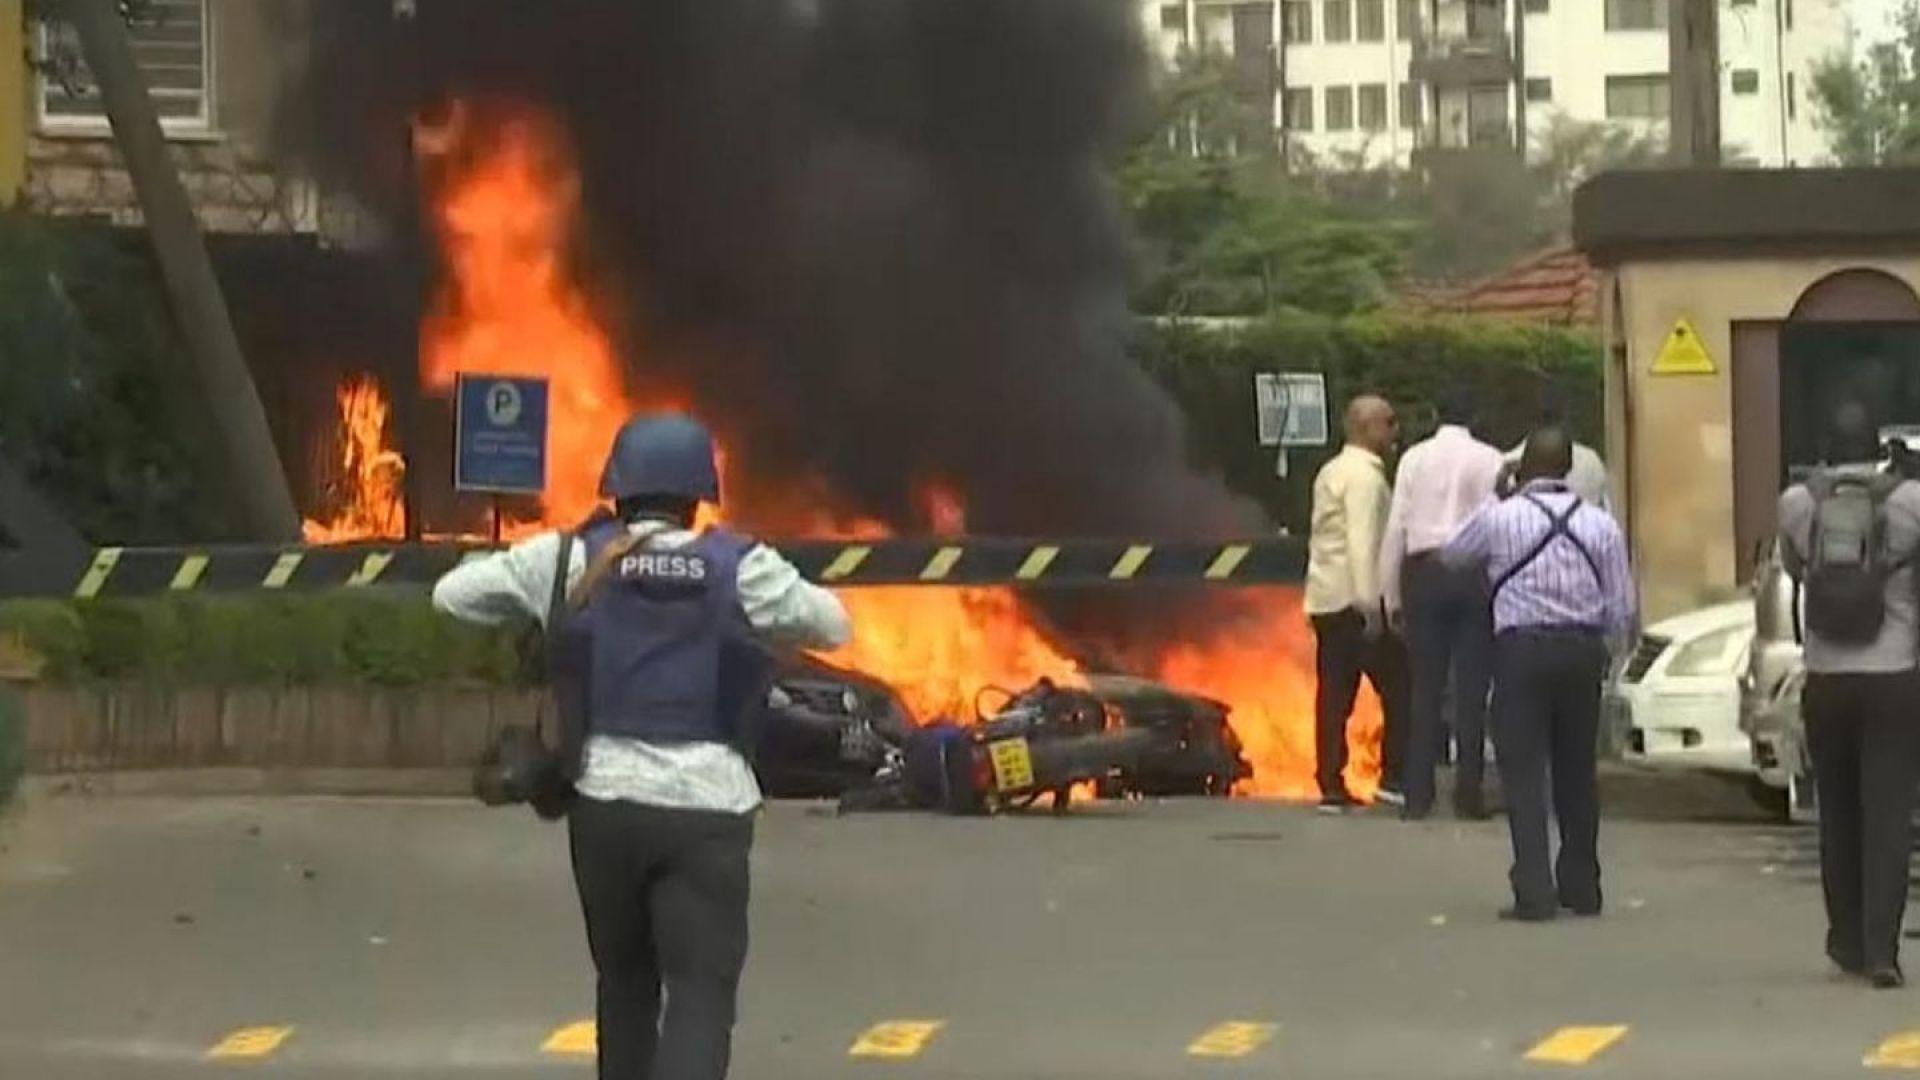 Ислямисти отмъстили на САЩ с атентата в Найроби заради признаването на Ерусалим